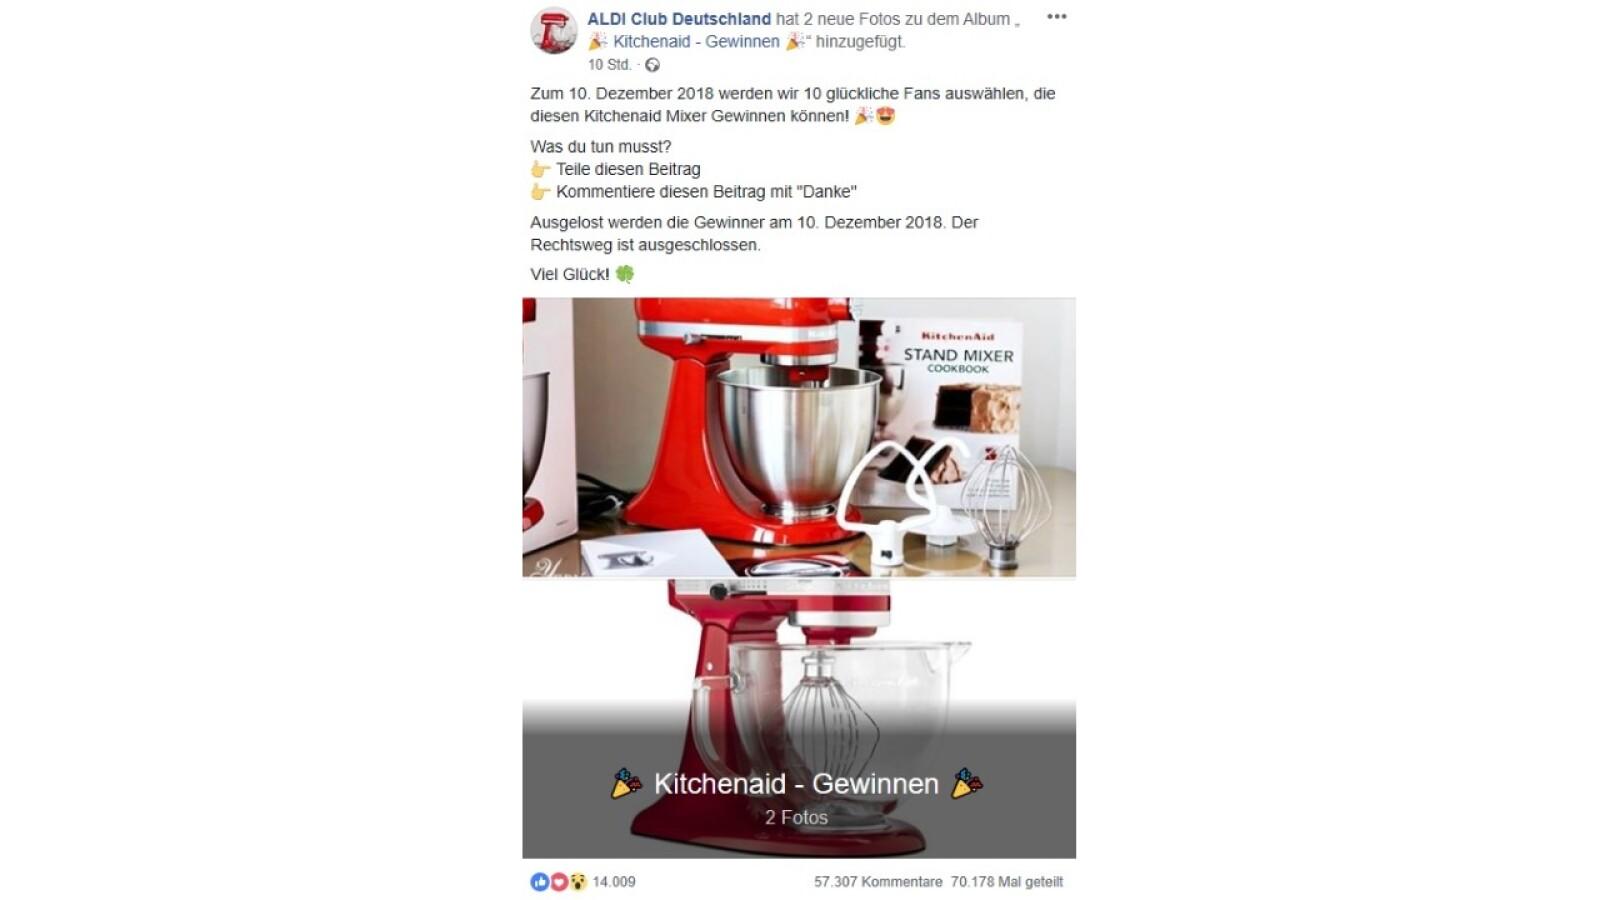 facebook gewinnspiele gibt es hier einen kitchenaid vom aldi club netzwelt. Black Bedroom Furniture Sets. Home Design Ideas